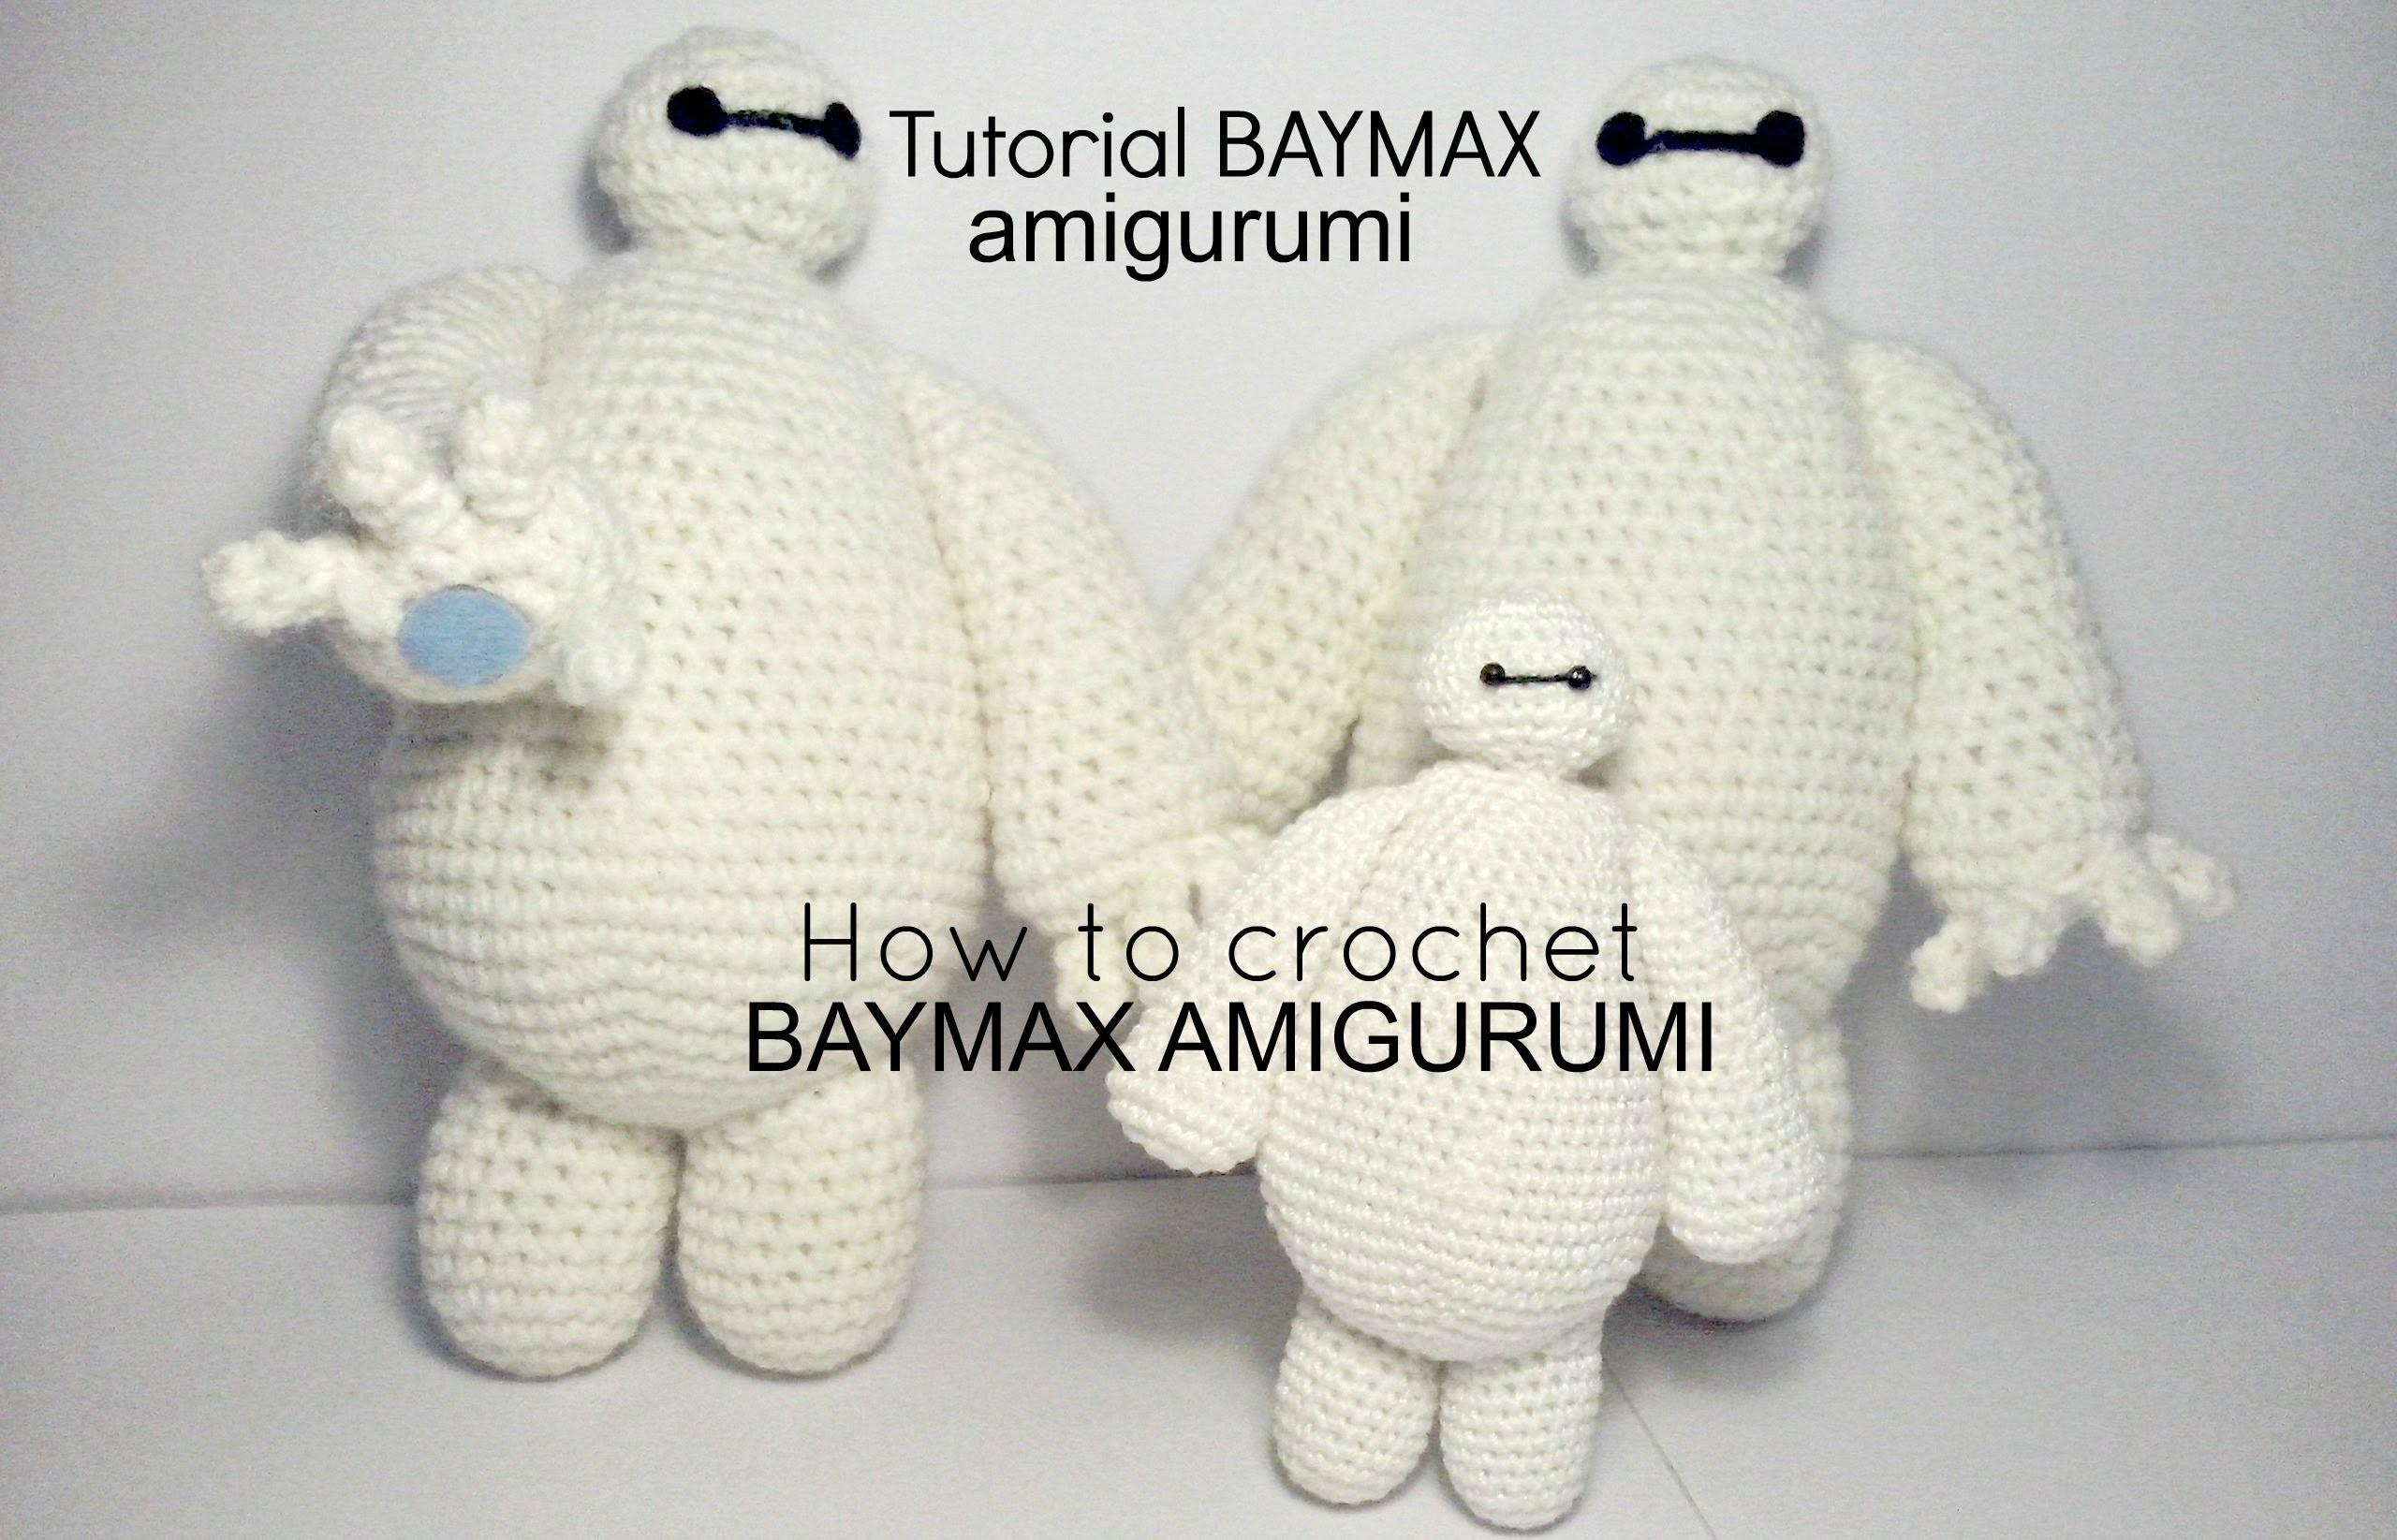 Tutorial BAYMAX big hero 6   HOW TO CROCHET BAYMAX AMIGURUMI - PART II